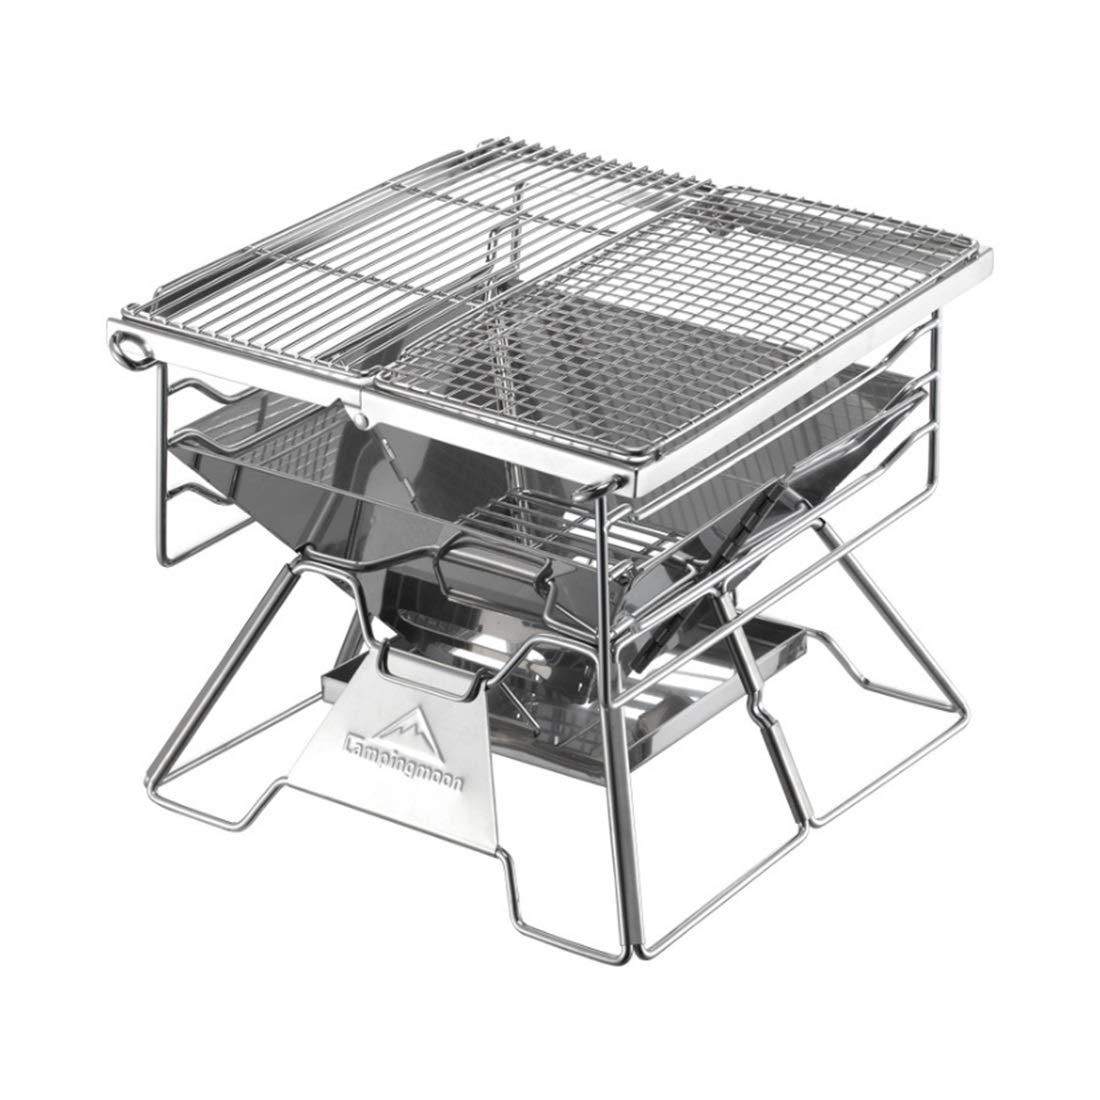 FELICIGG Edelstahl-Grill-im Freien beweglicher zusammenklappbarer Grill-Haushalts-Holzkohle-Grill (Größe : 39.3  35  33.5cm)